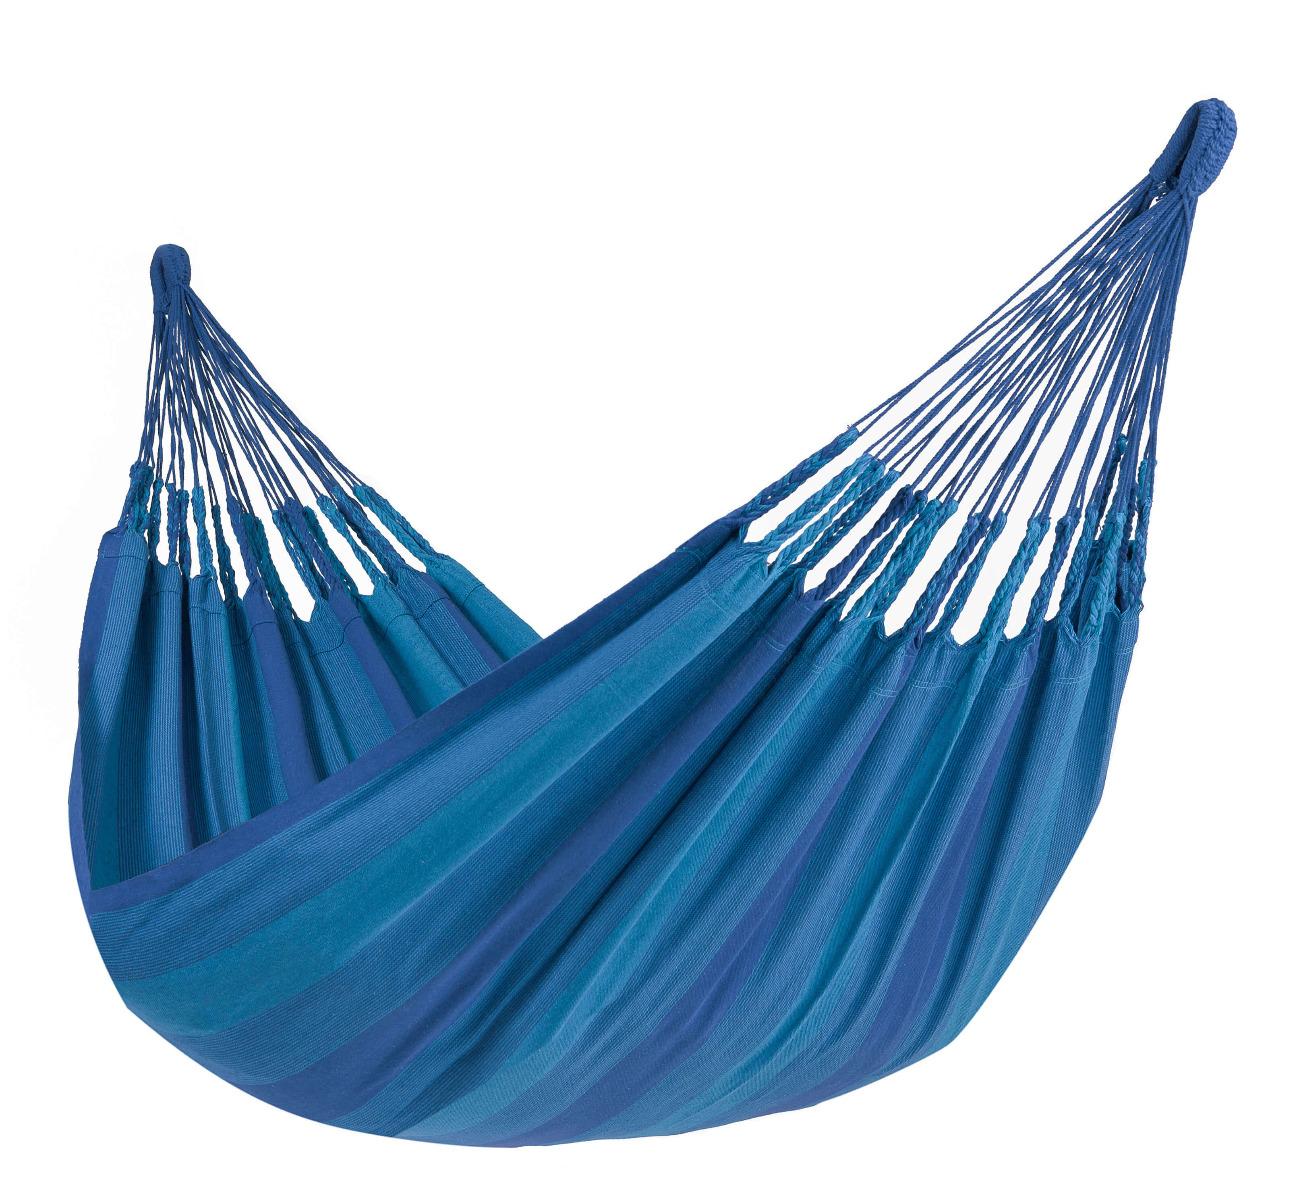 'Dream' Blue E�npersoons Hangmat - Blauw - Tropilex �